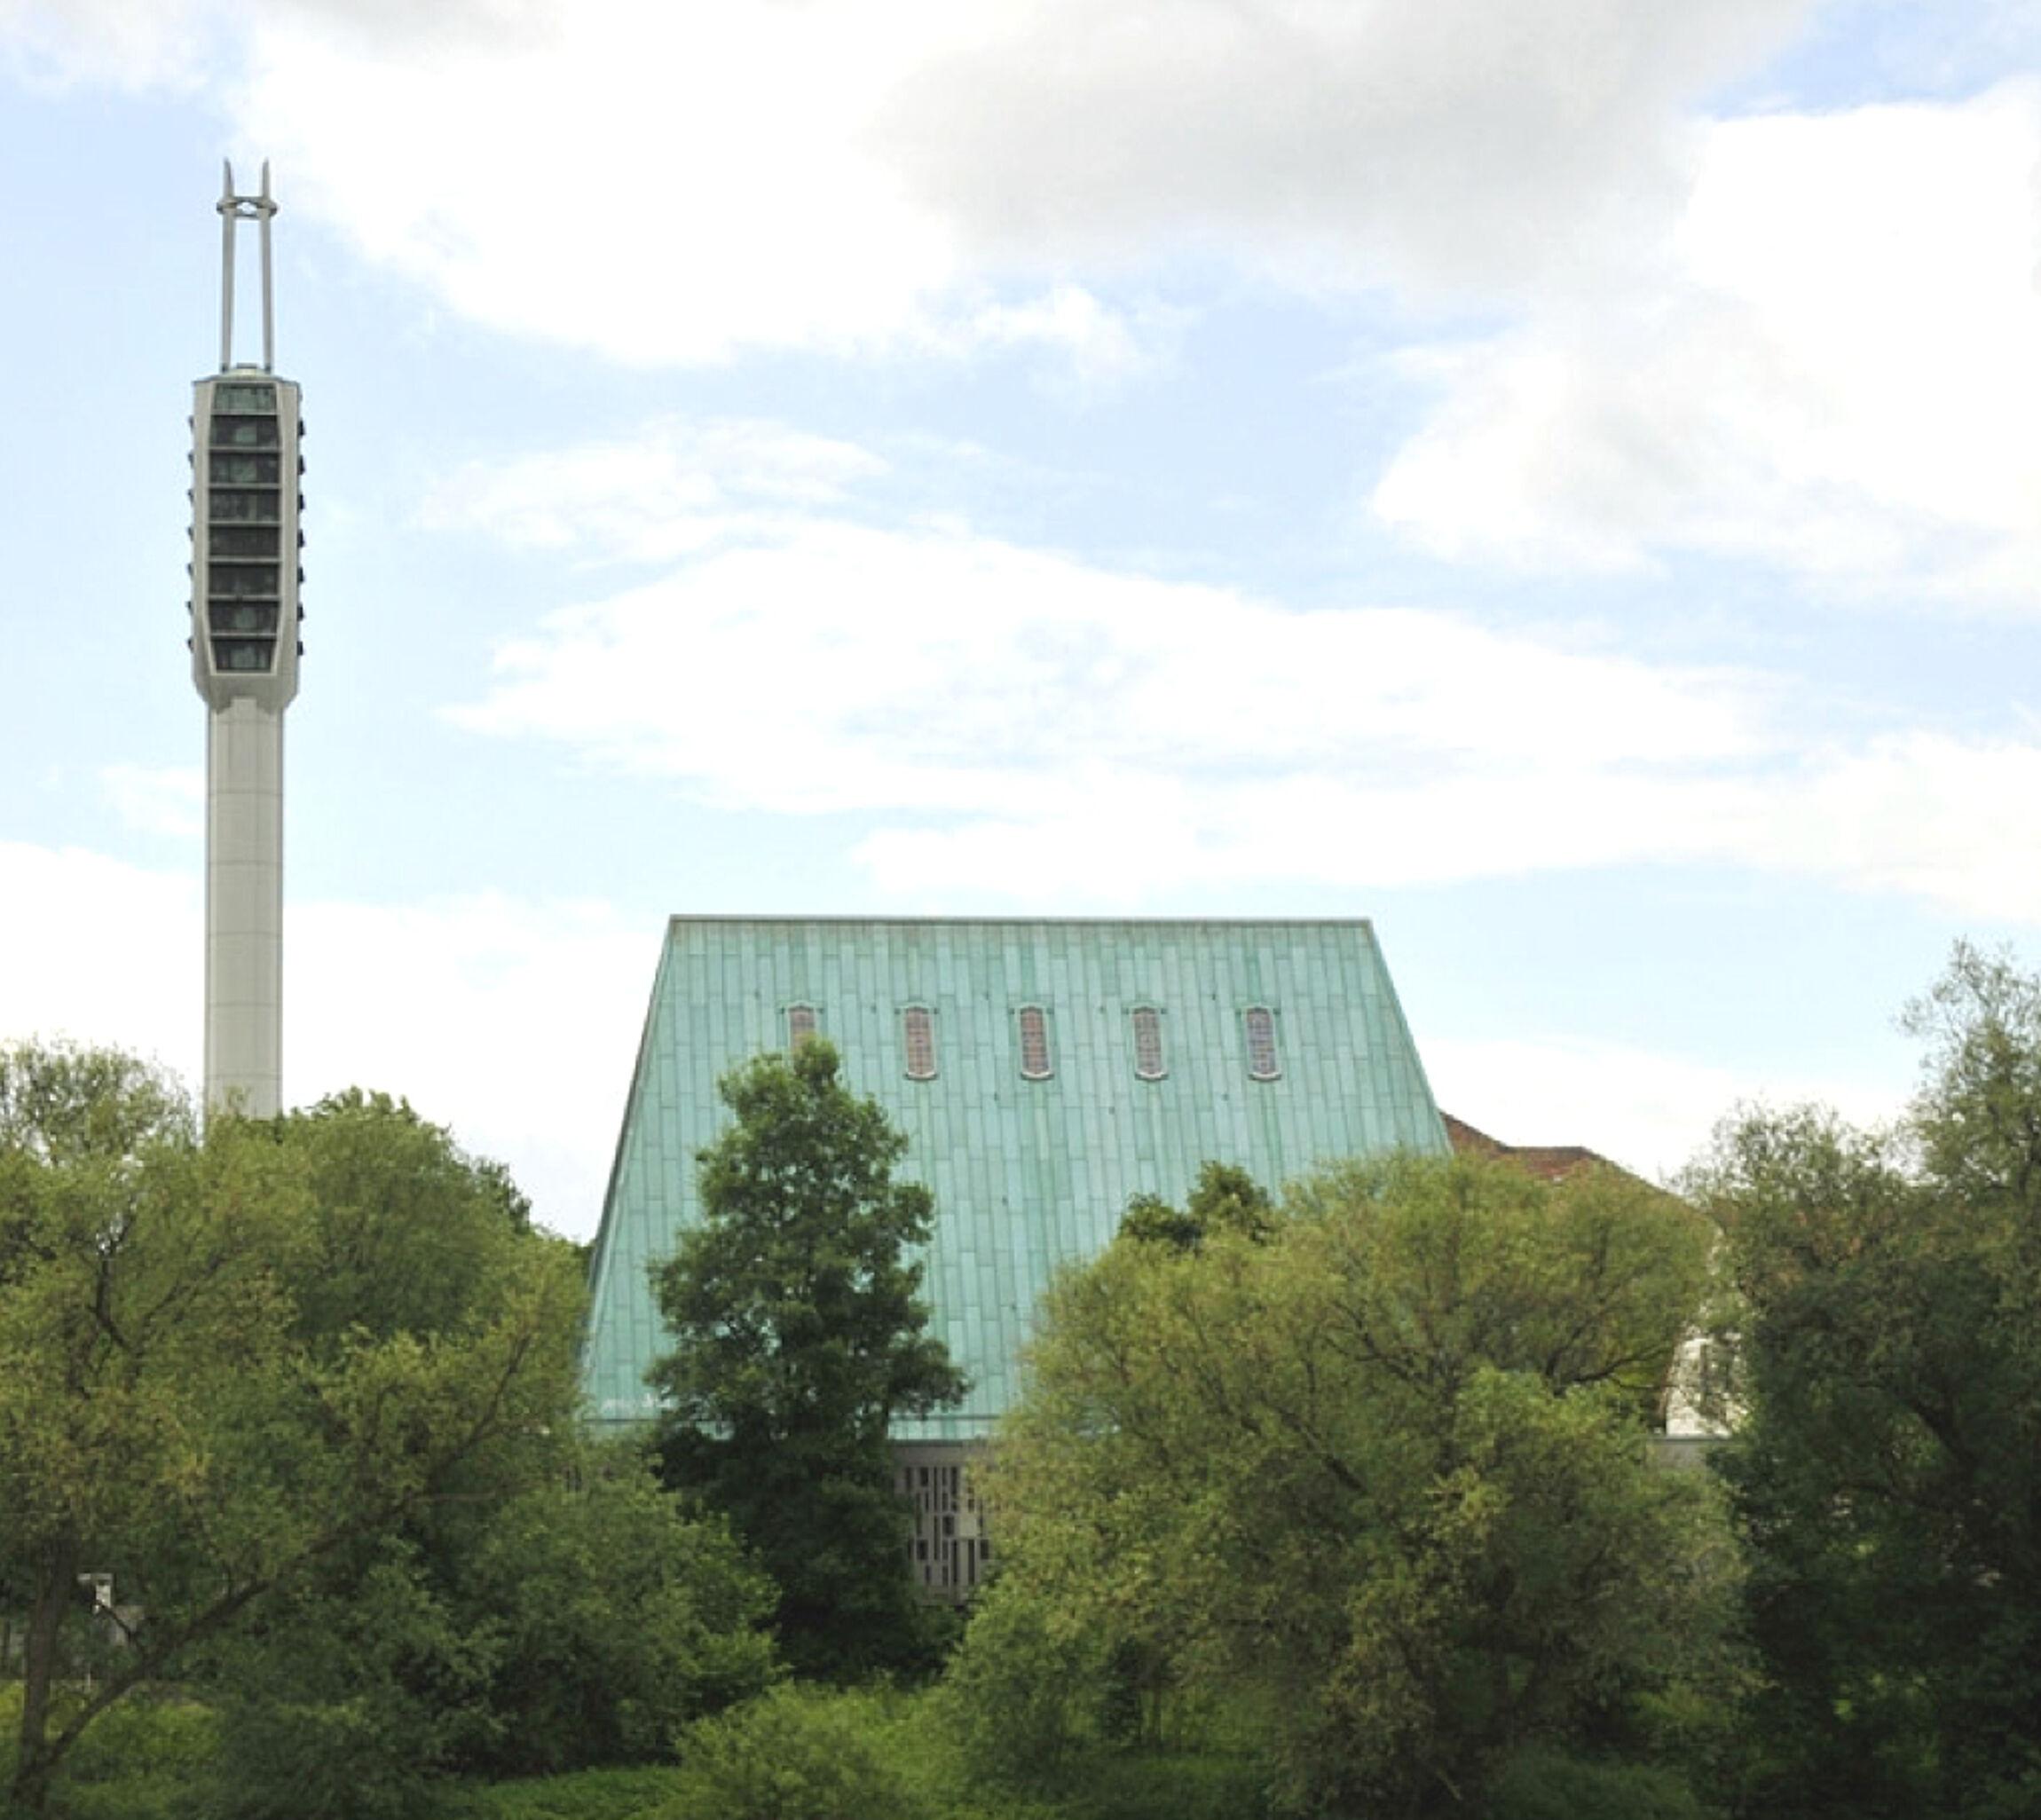 Am Ufer der Leine ragt das steile Walmdach der Gerhard-Uhlhorn-Kirche auf.